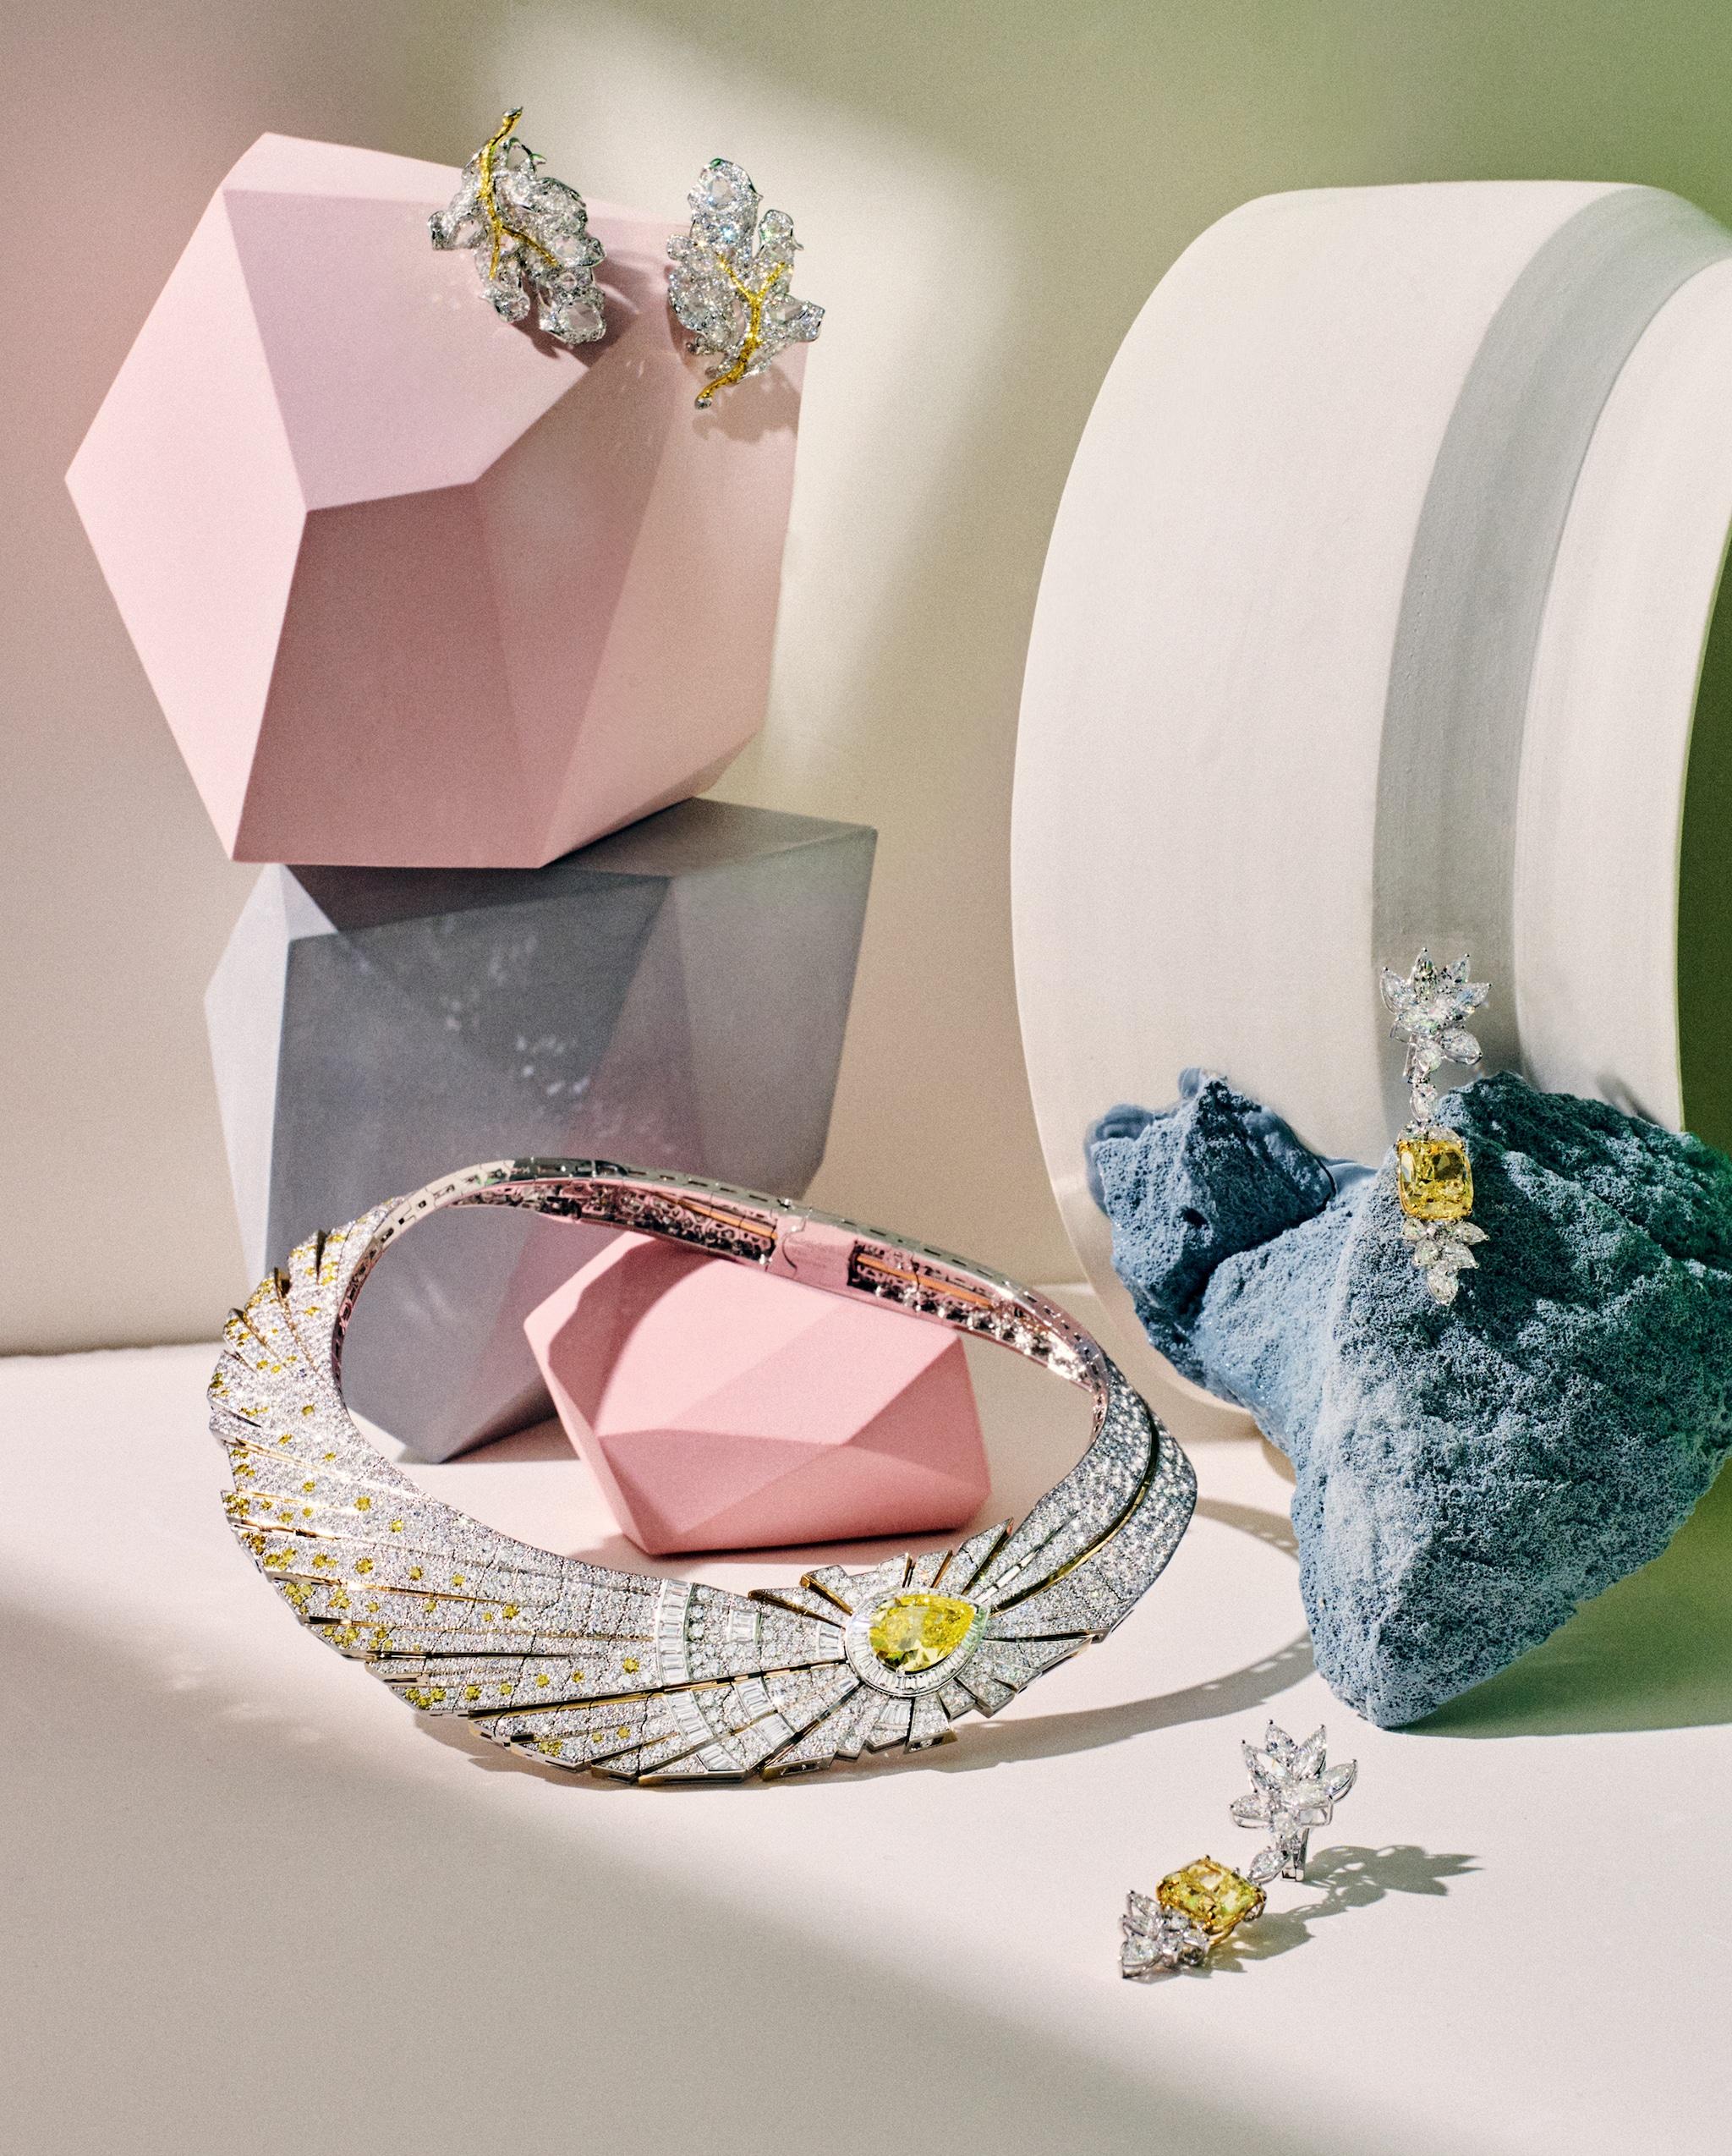 Dall'alto in senso orario. Orecchini a foliage, in oro con petali in diamanti gialli e bianchi, CINDY CHAO THE ART JEWEL. Orecchini pendenti in platino e diamanti, con diamante giallo centrale, GRAFF. Collier in oro bianco trasformabile, il diamante giallo a goccia è parte di un anello, collezione Sous Les Étoiles, VAN CLEEF & ARPELS.